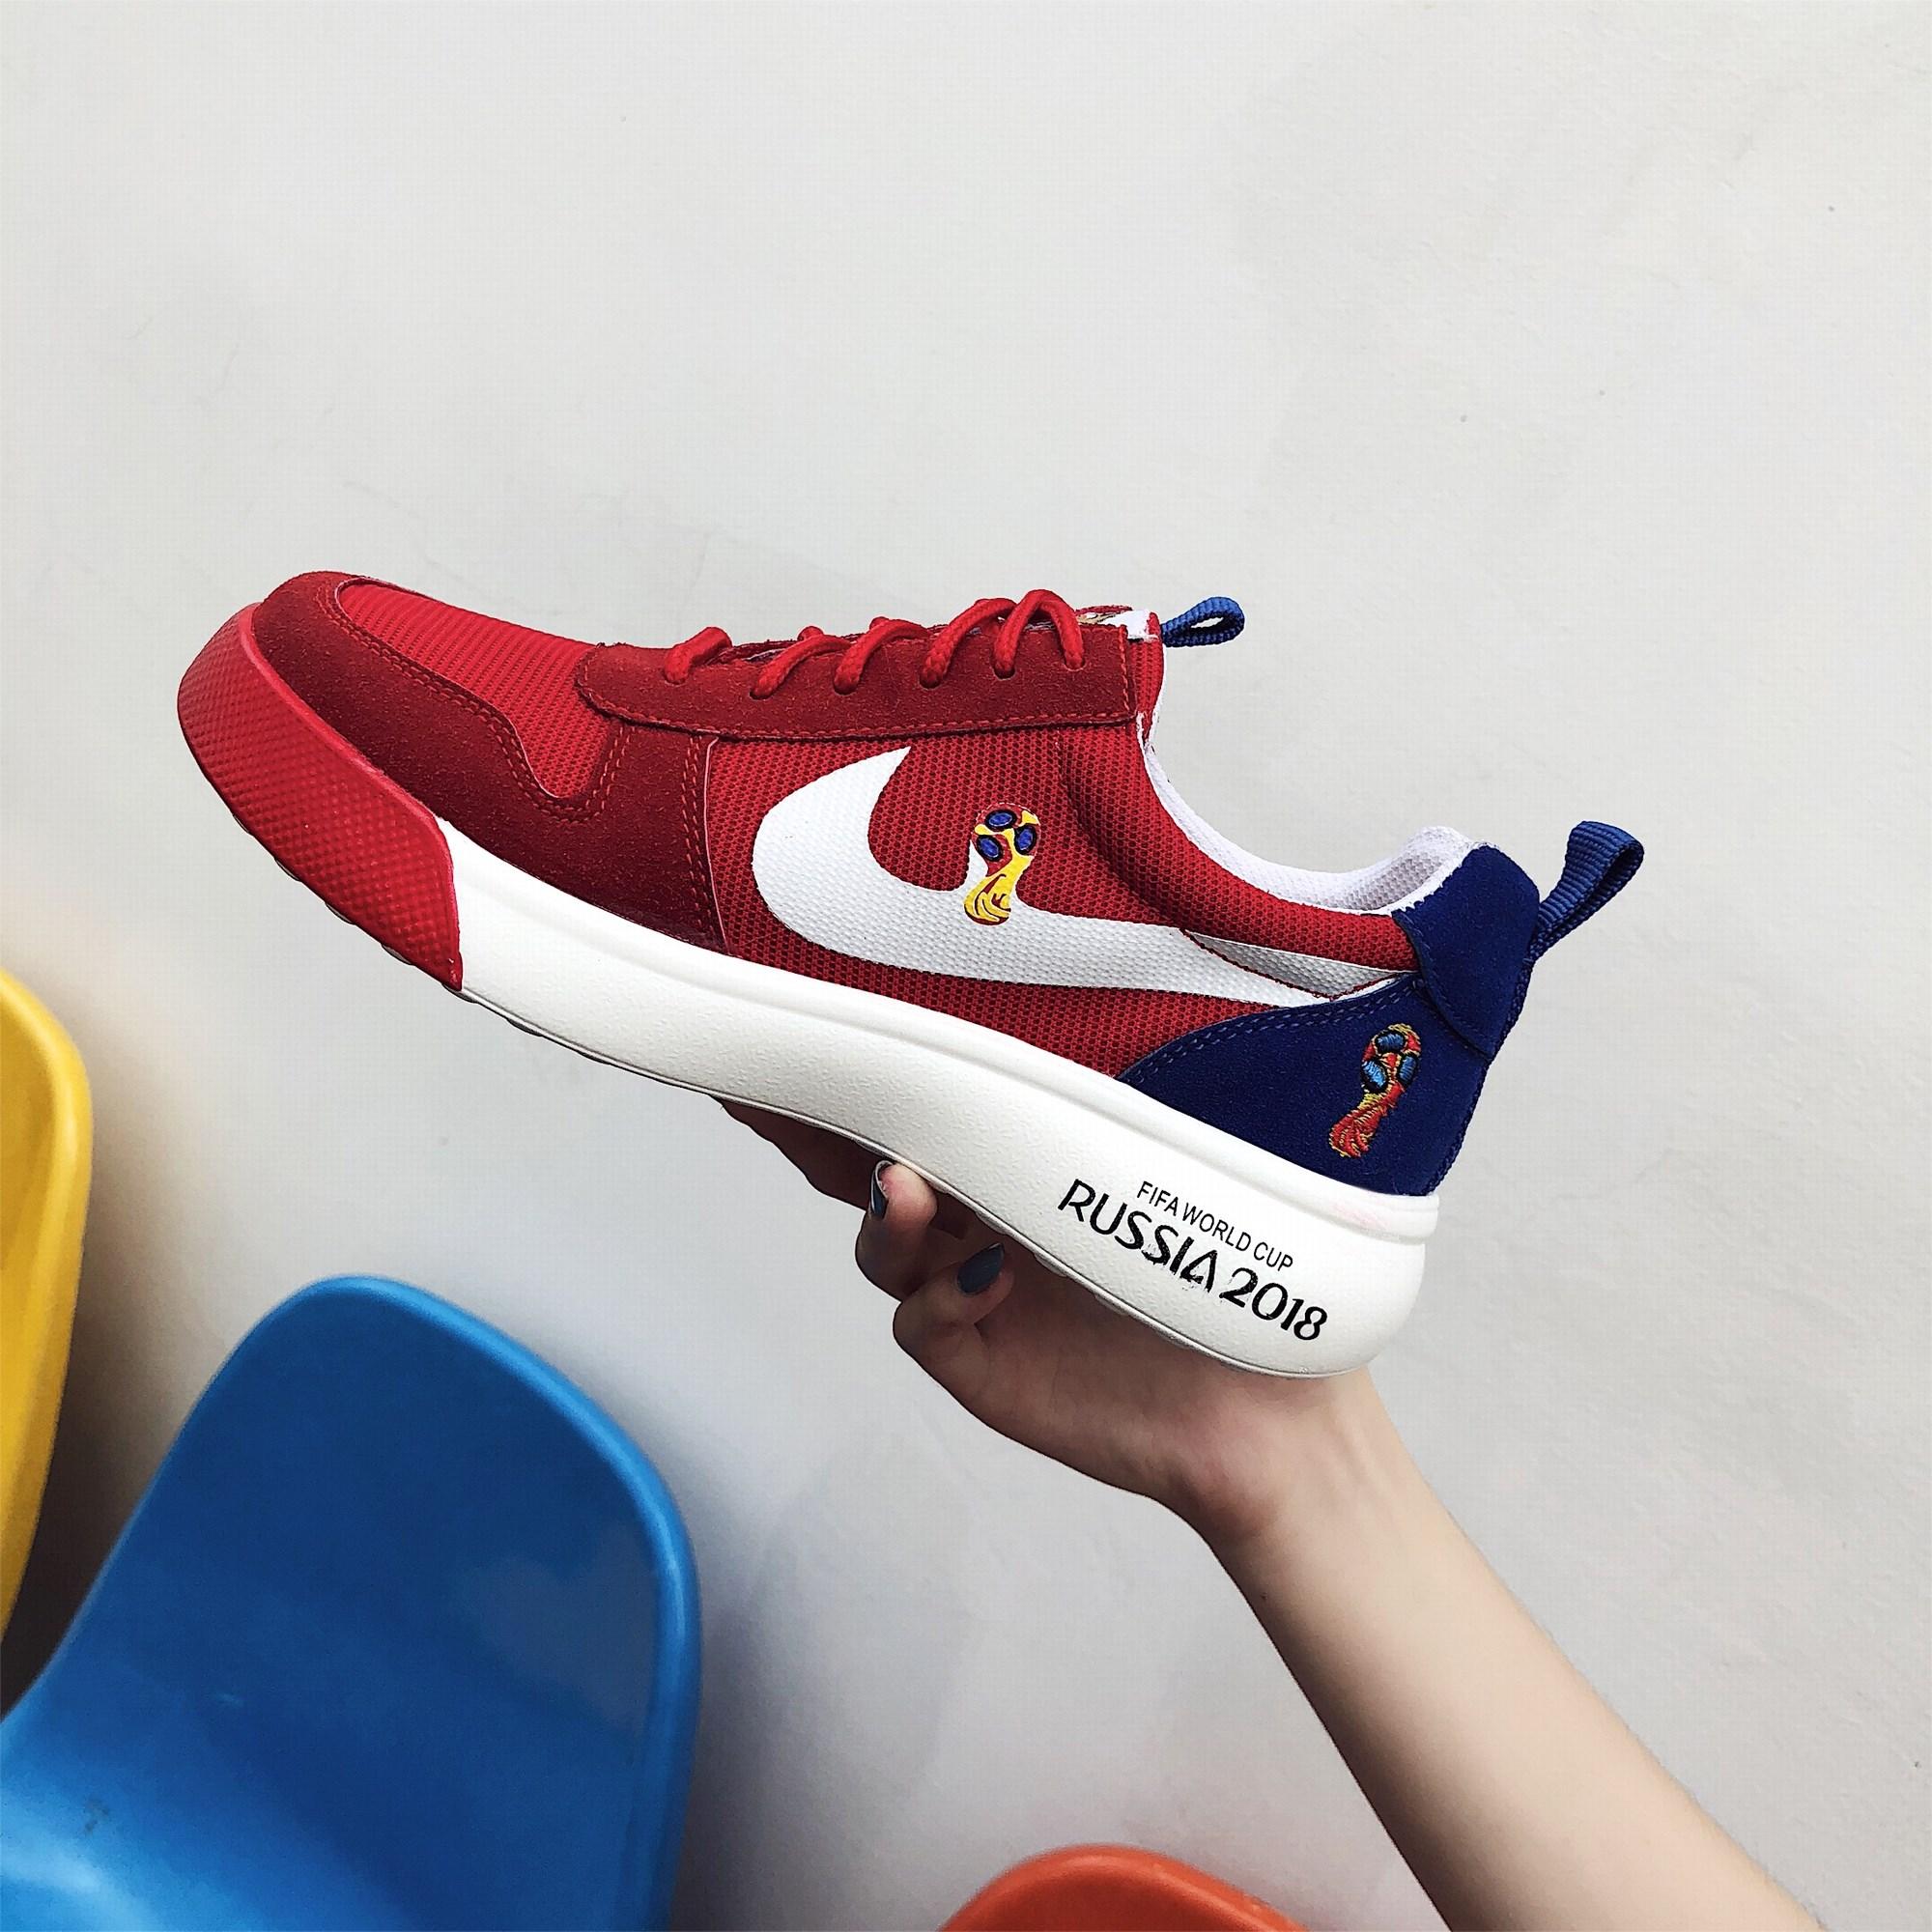 世界杯联名足球鞋新款跑步运动软底舒适运动鞋学生韩版圆头休闲鞋